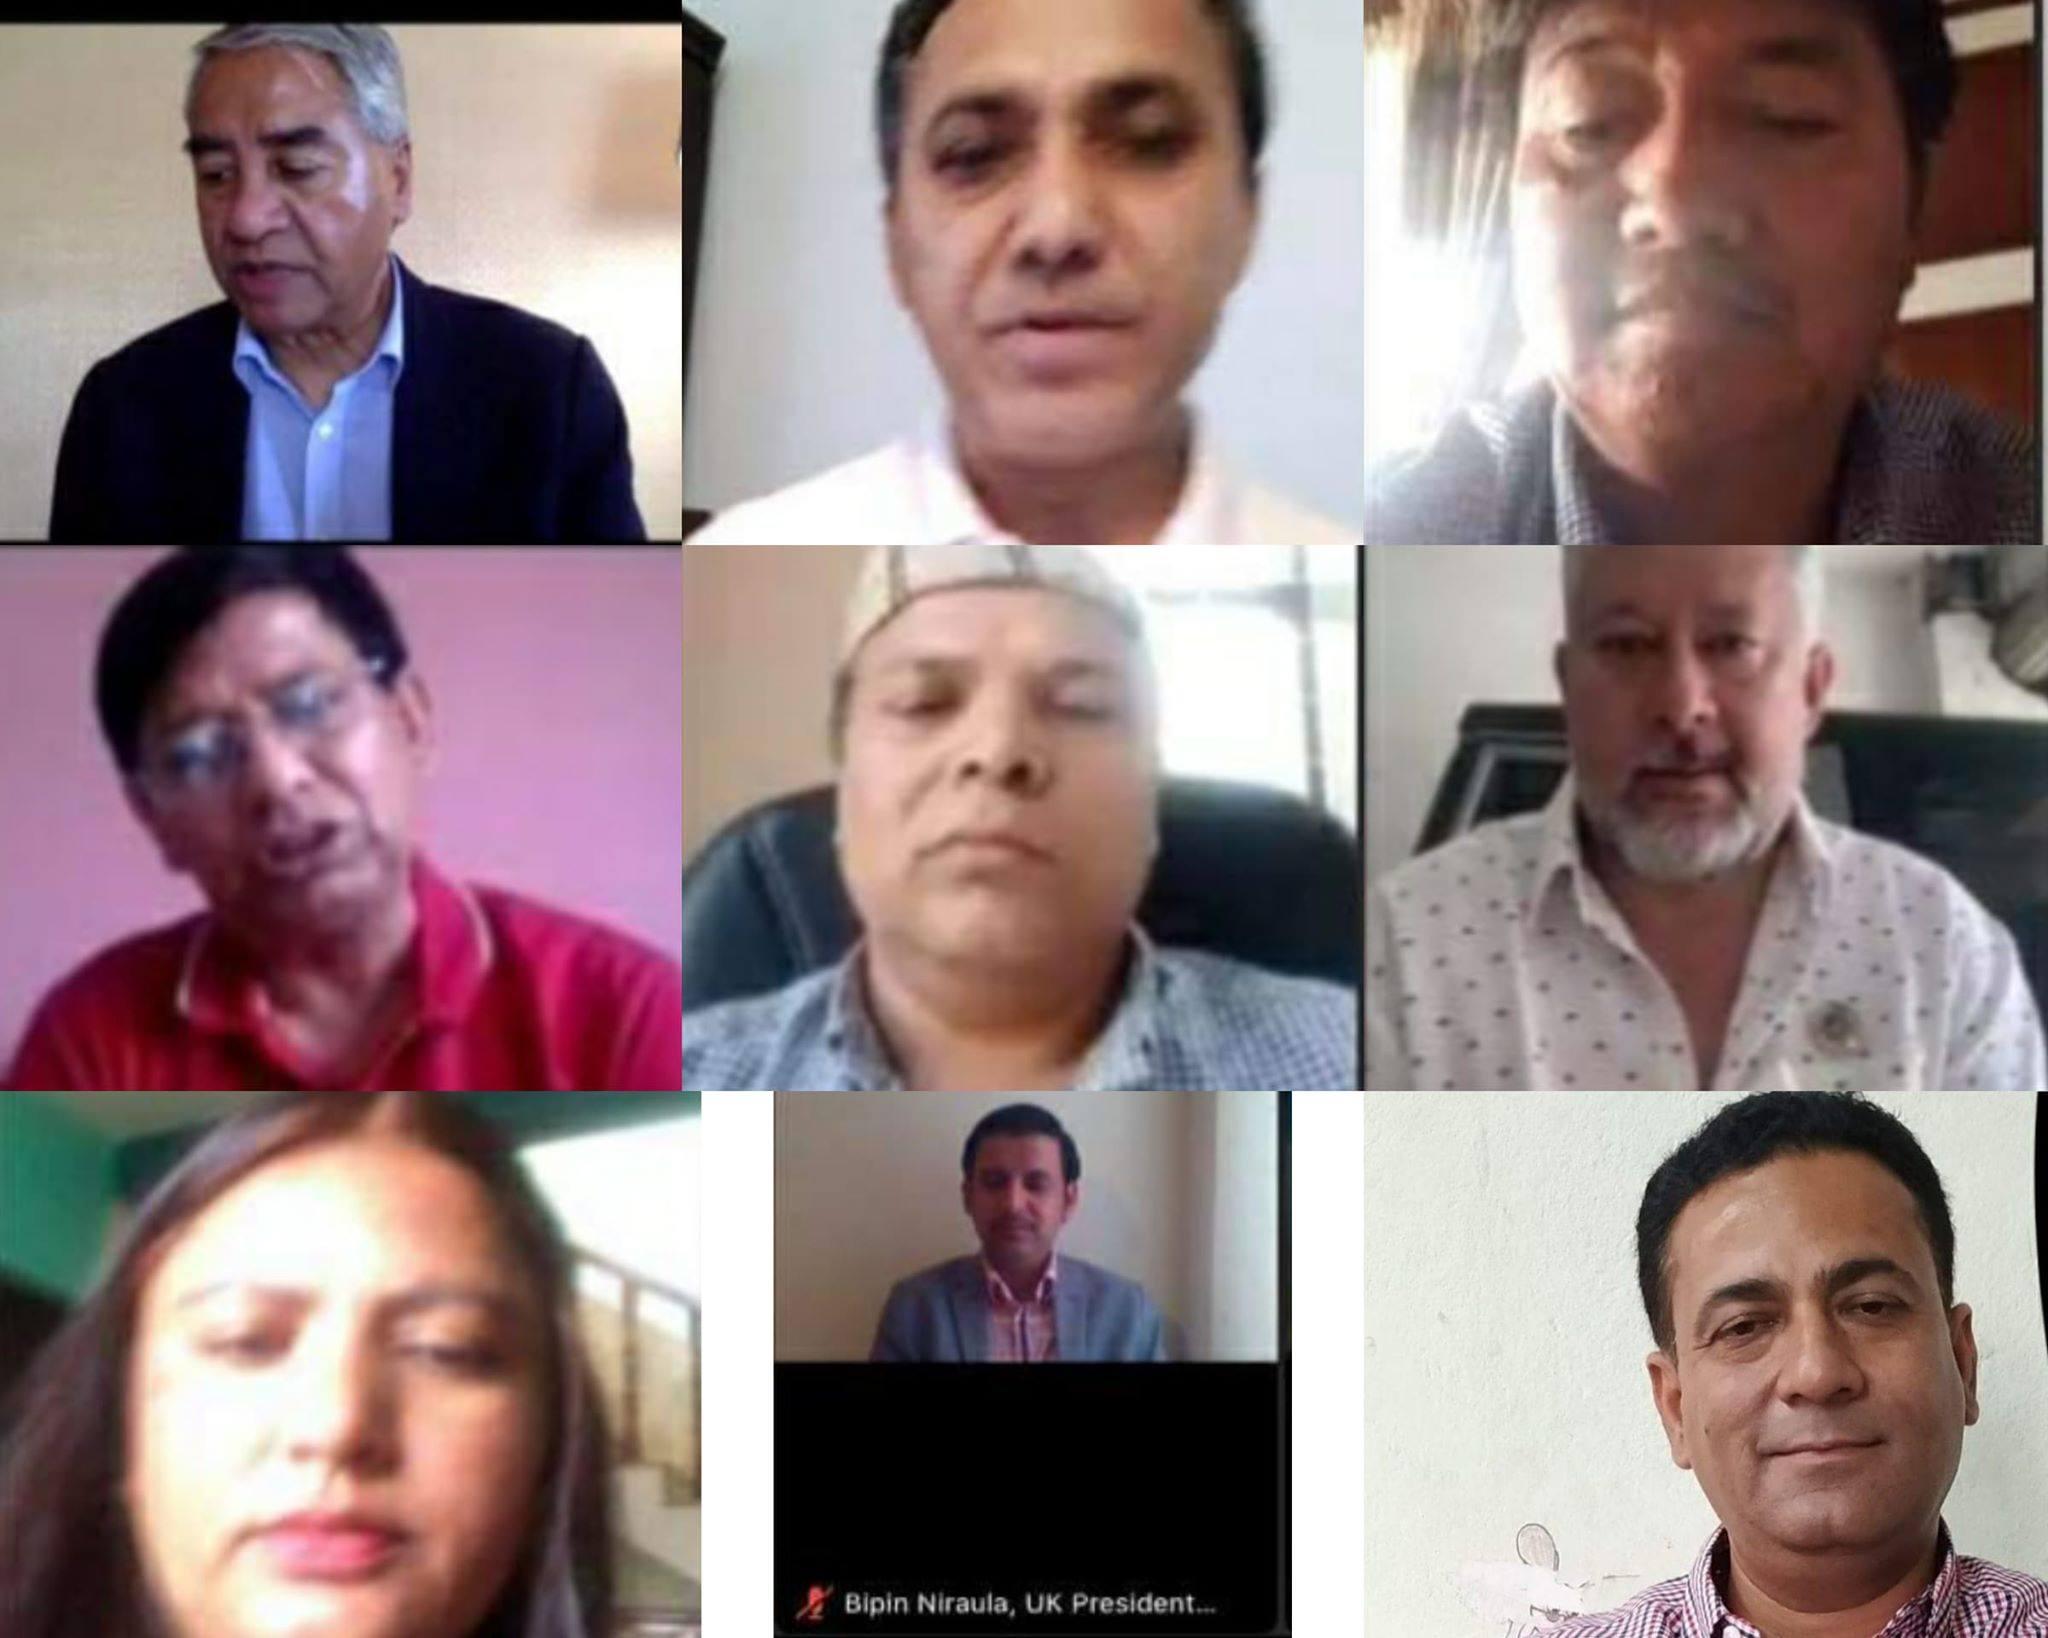 जुम प्रविधिमार्फत नेपाल प्रेस युनियनको २९ औँ वार्षिकोत्सव सम्पन्न